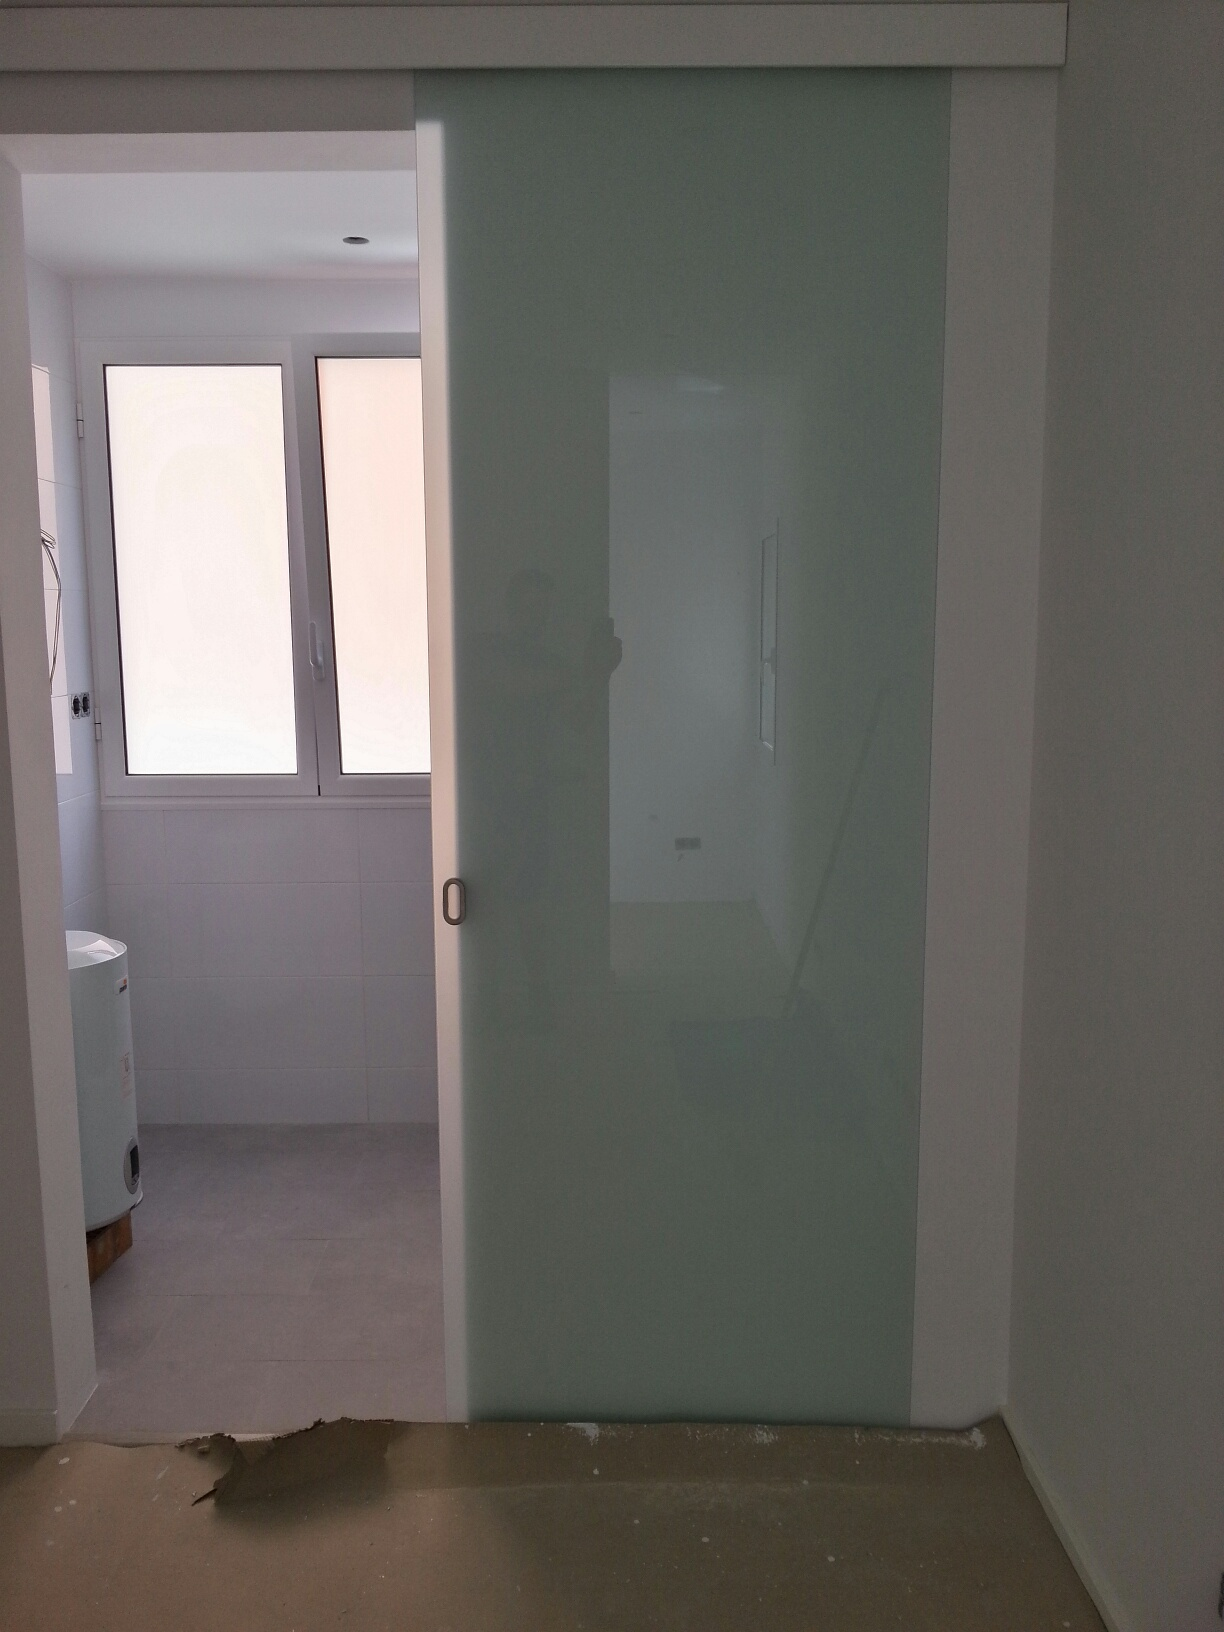 Puerta aluminio interior puerta de aluminio vidriada for Puertas aluminio interior cristal